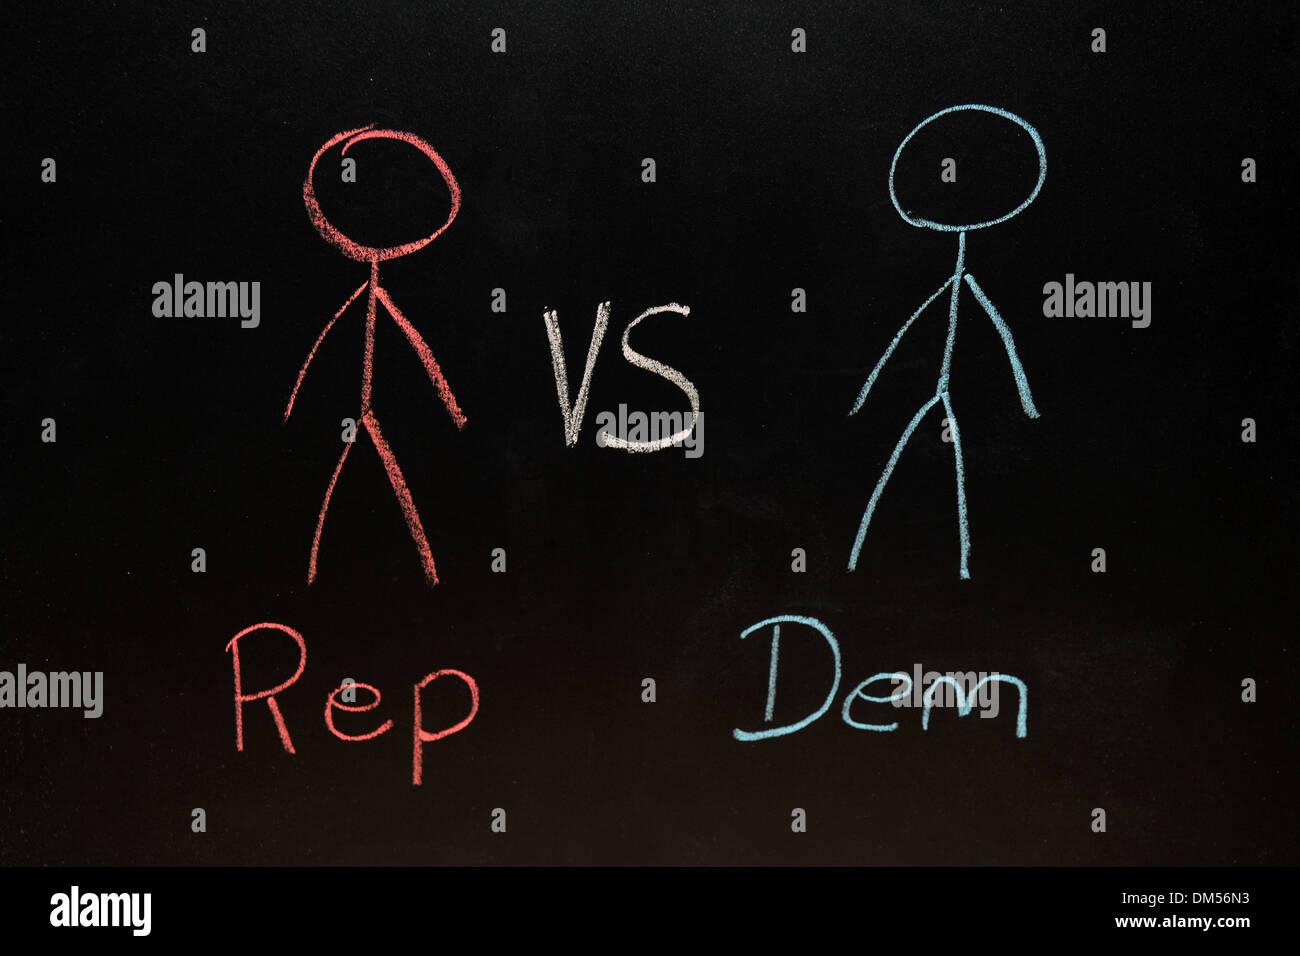 Rep vs Dem drawn on a blackboard in chalk. - Stock Image